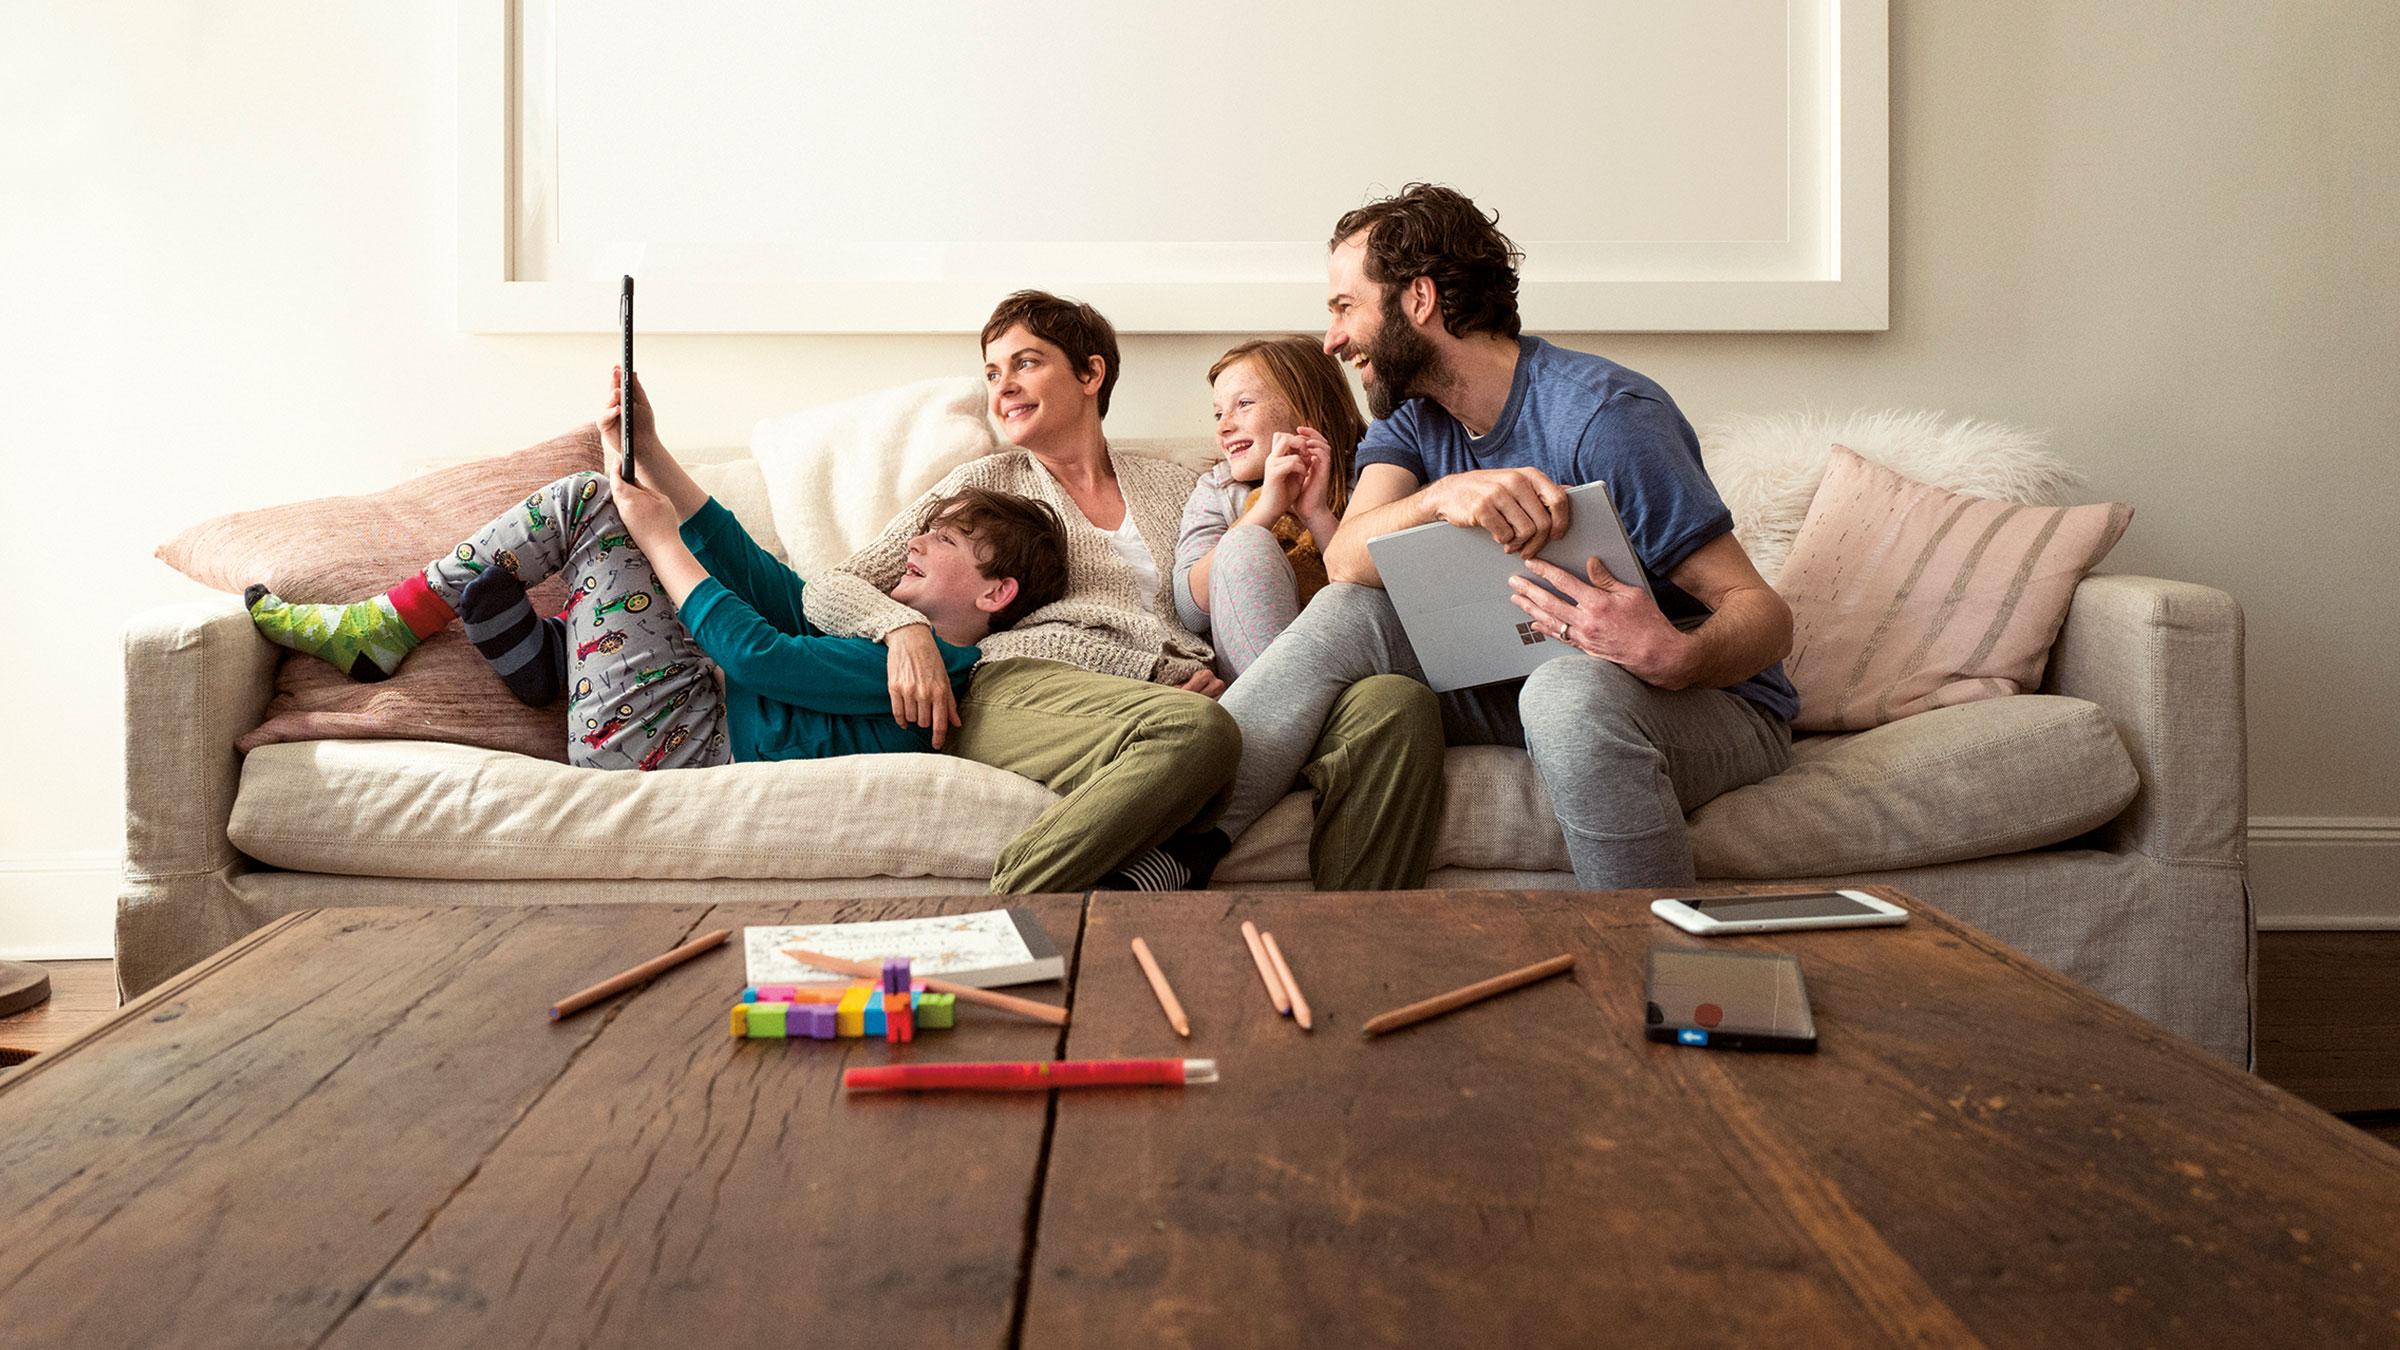 Porodica na krevetu gleda u Microsoft Surface Pro uređaj